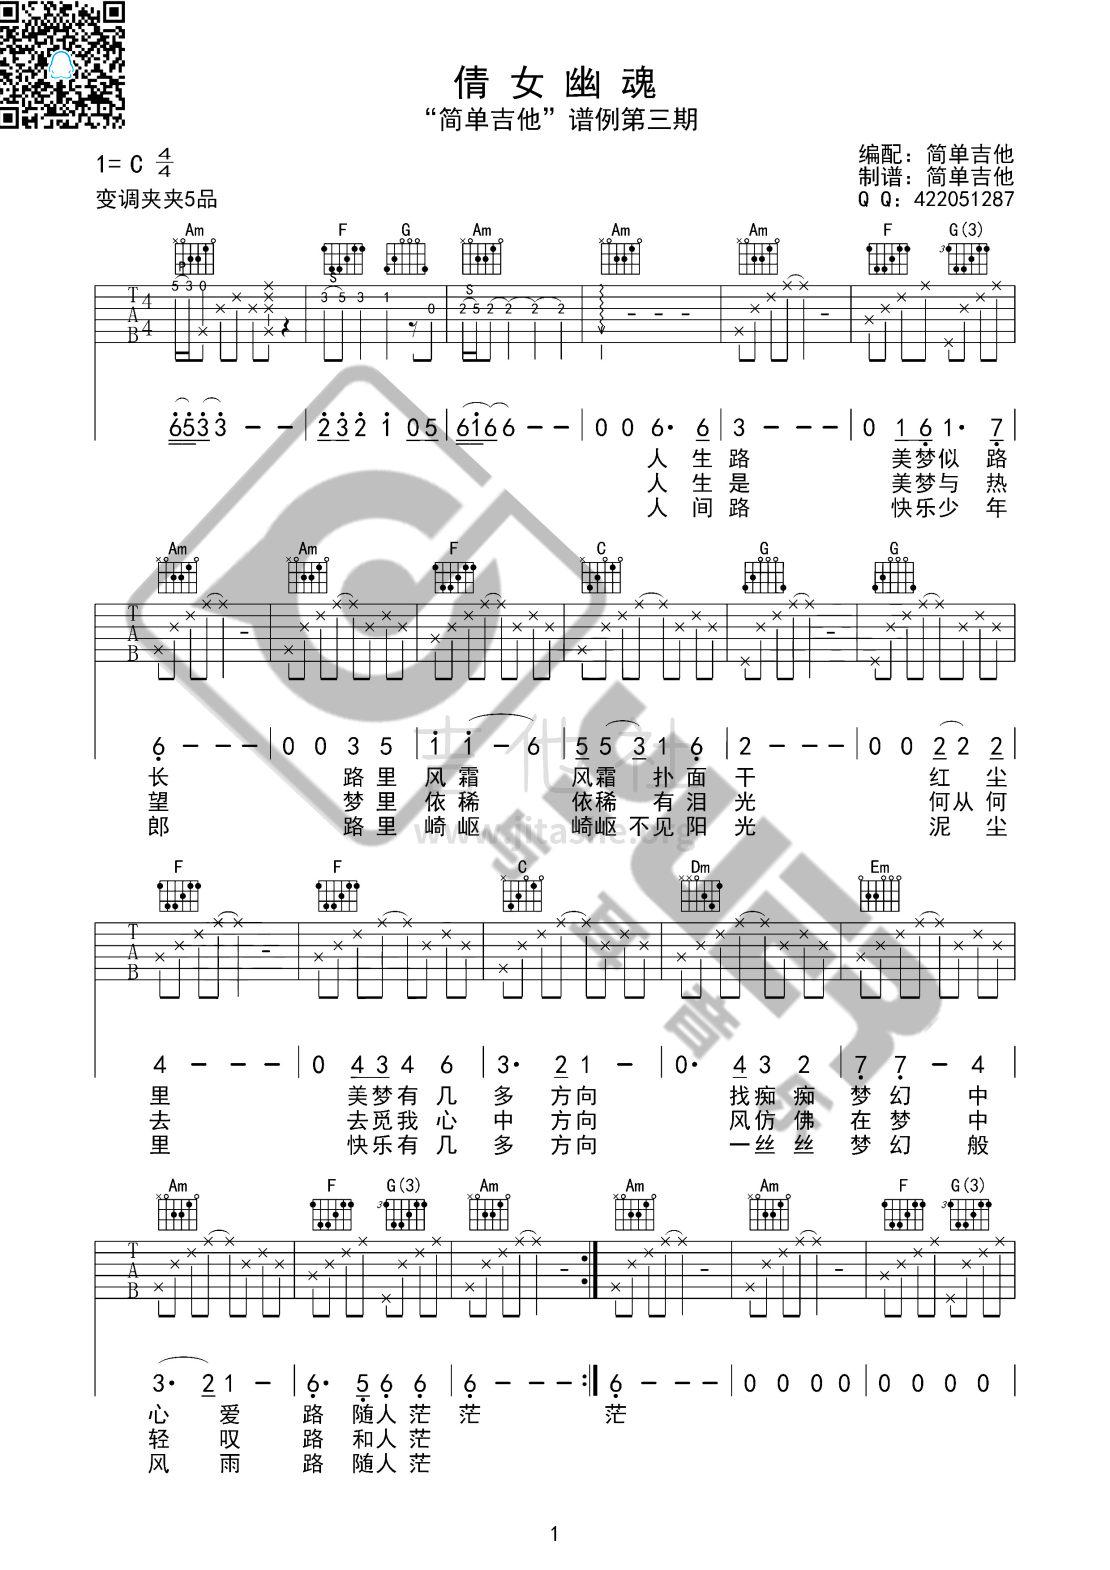 倩女幽魂(与耳音乐)吉他谱(图片谱,弹唱)_张国荣(Leslie Cheung)_倩女幽魂01.jpg